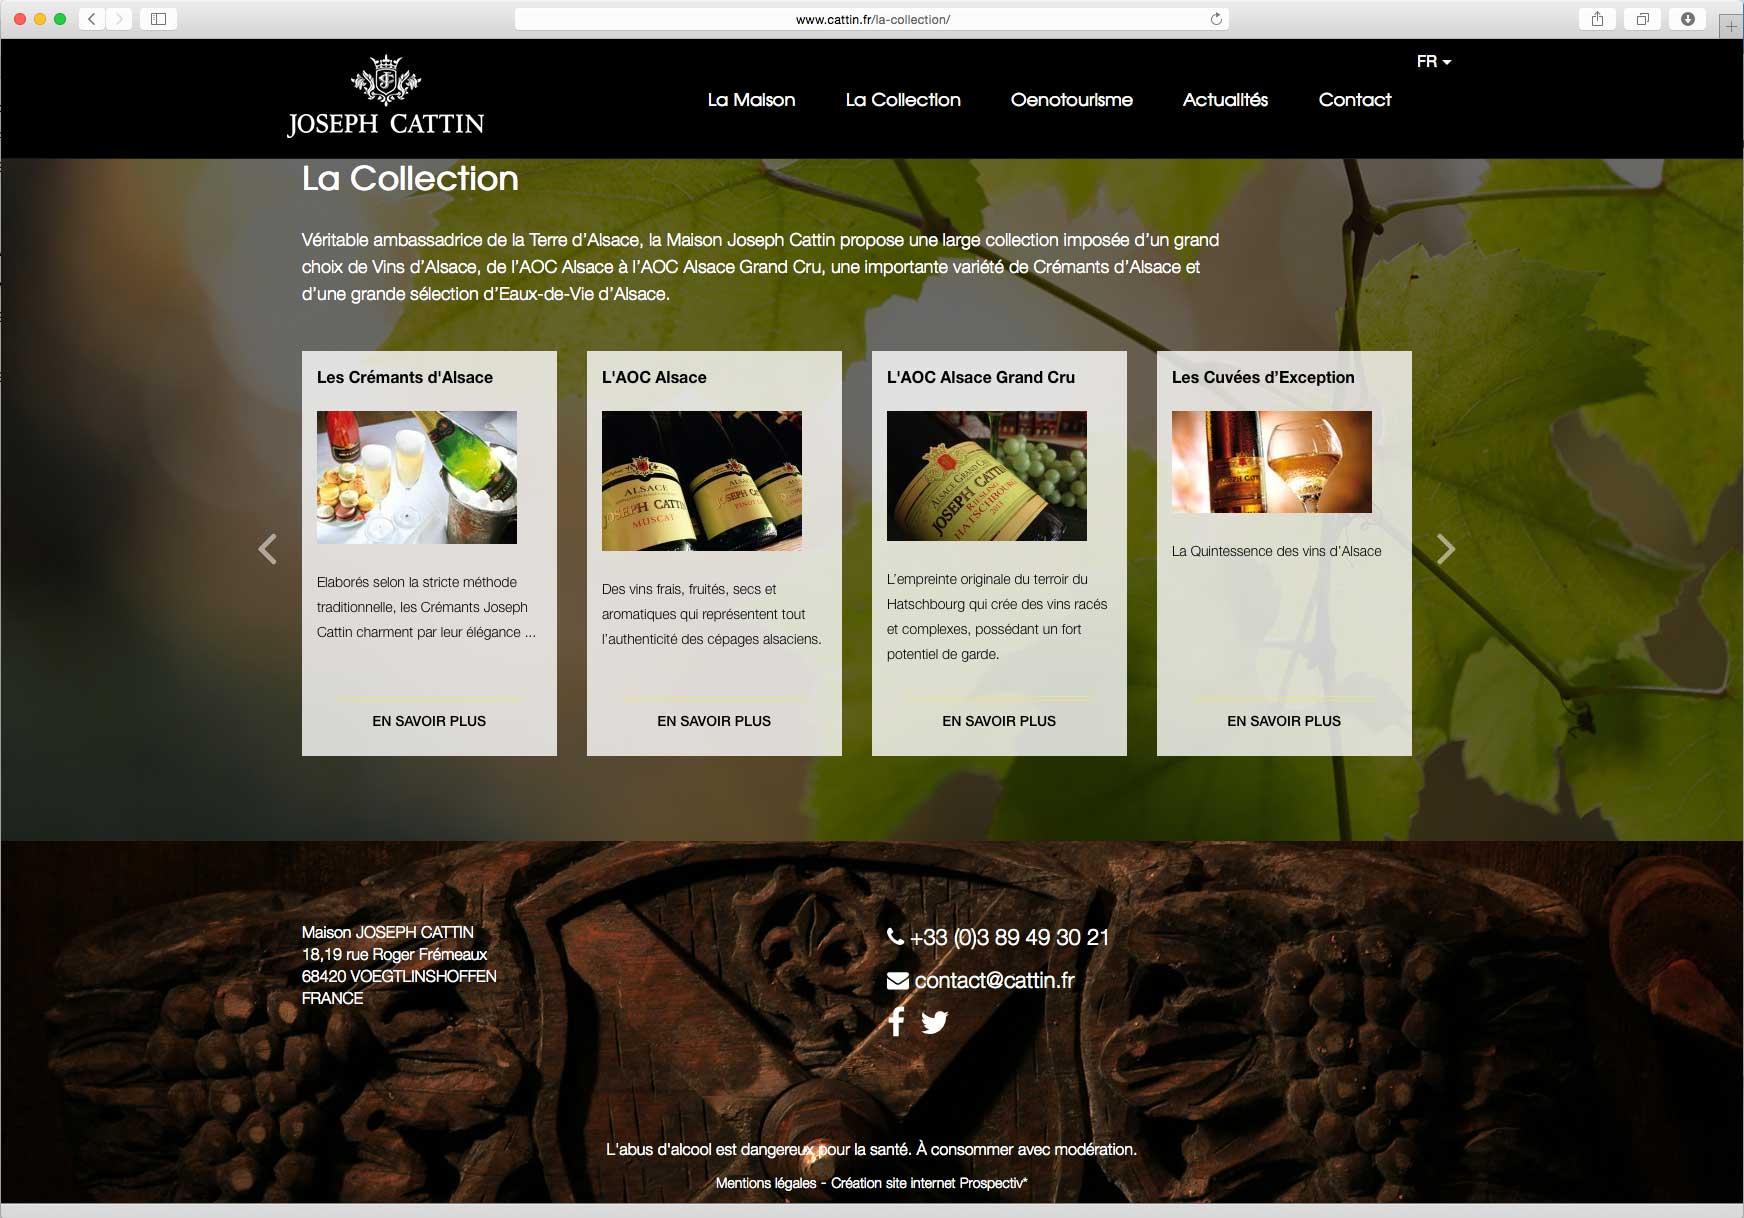 Création et hébergement du site internet vitrine de la marque 2